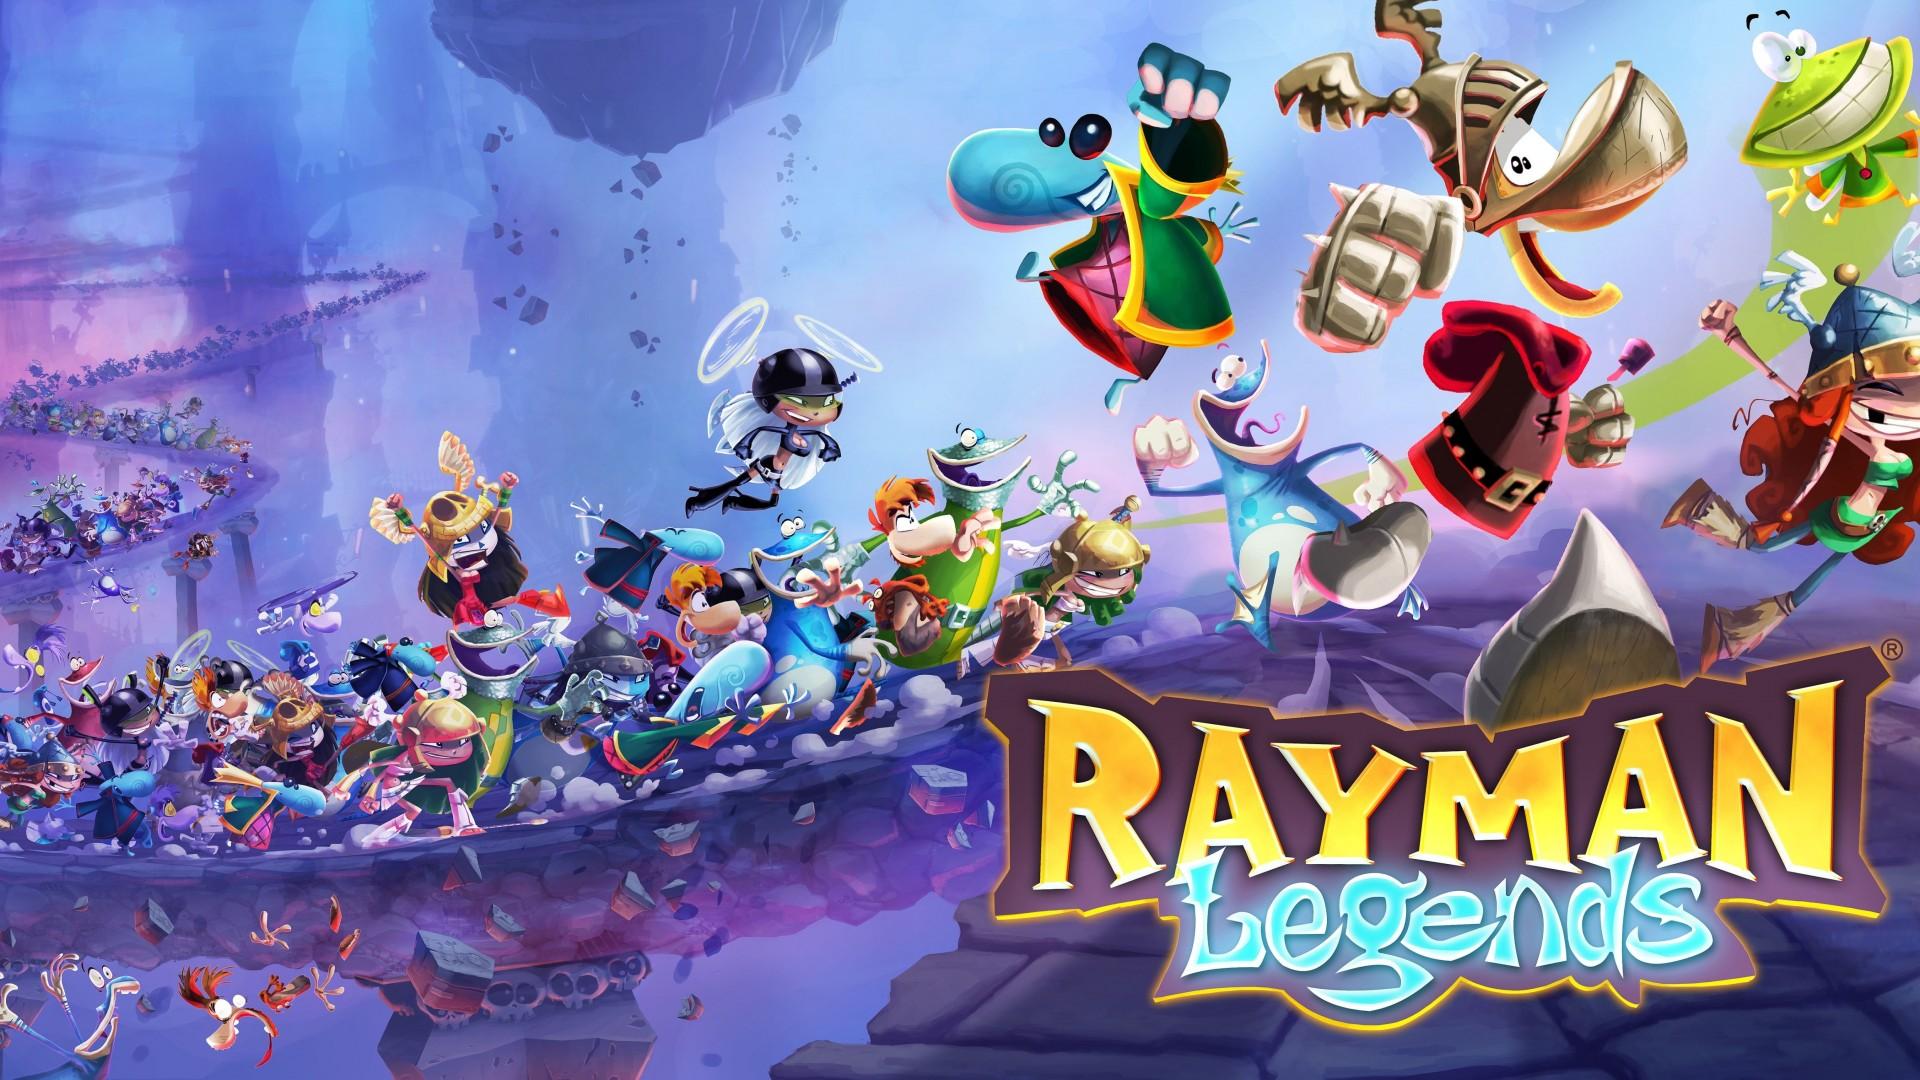 Rayman Legends [Warranty 5 years] + Gift 2019